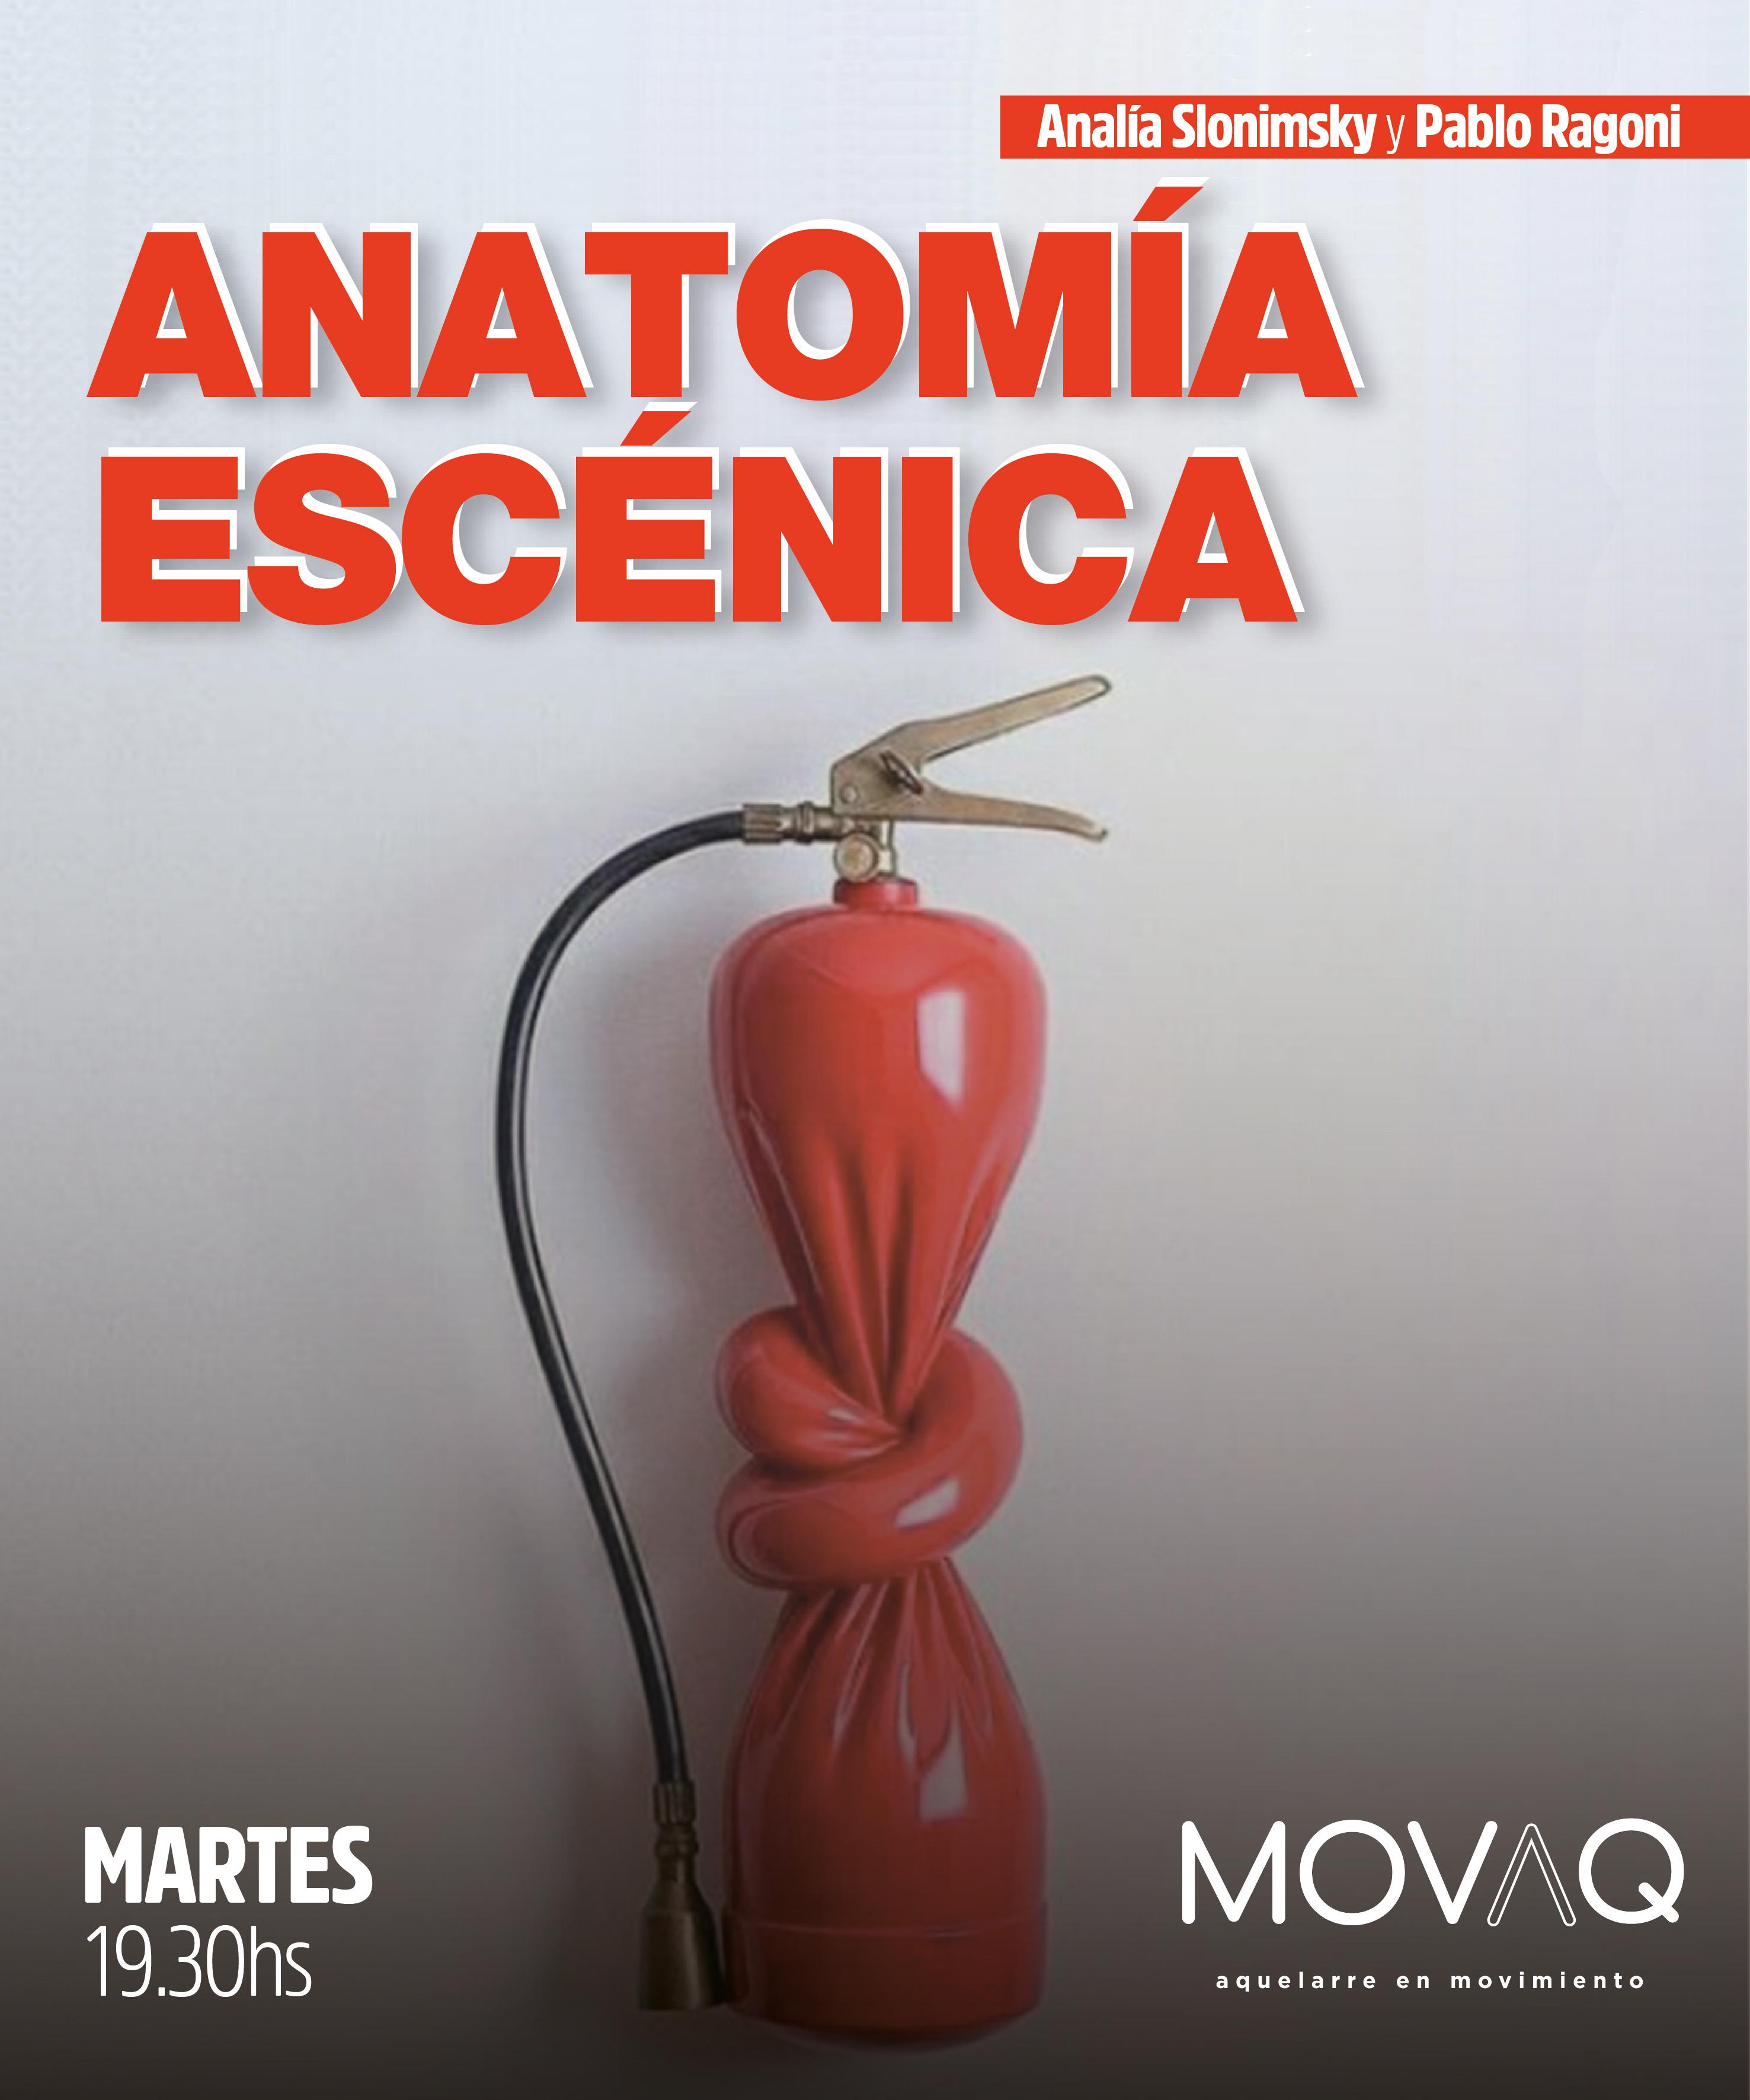 Anatomía Escénica - Analia y Pablo